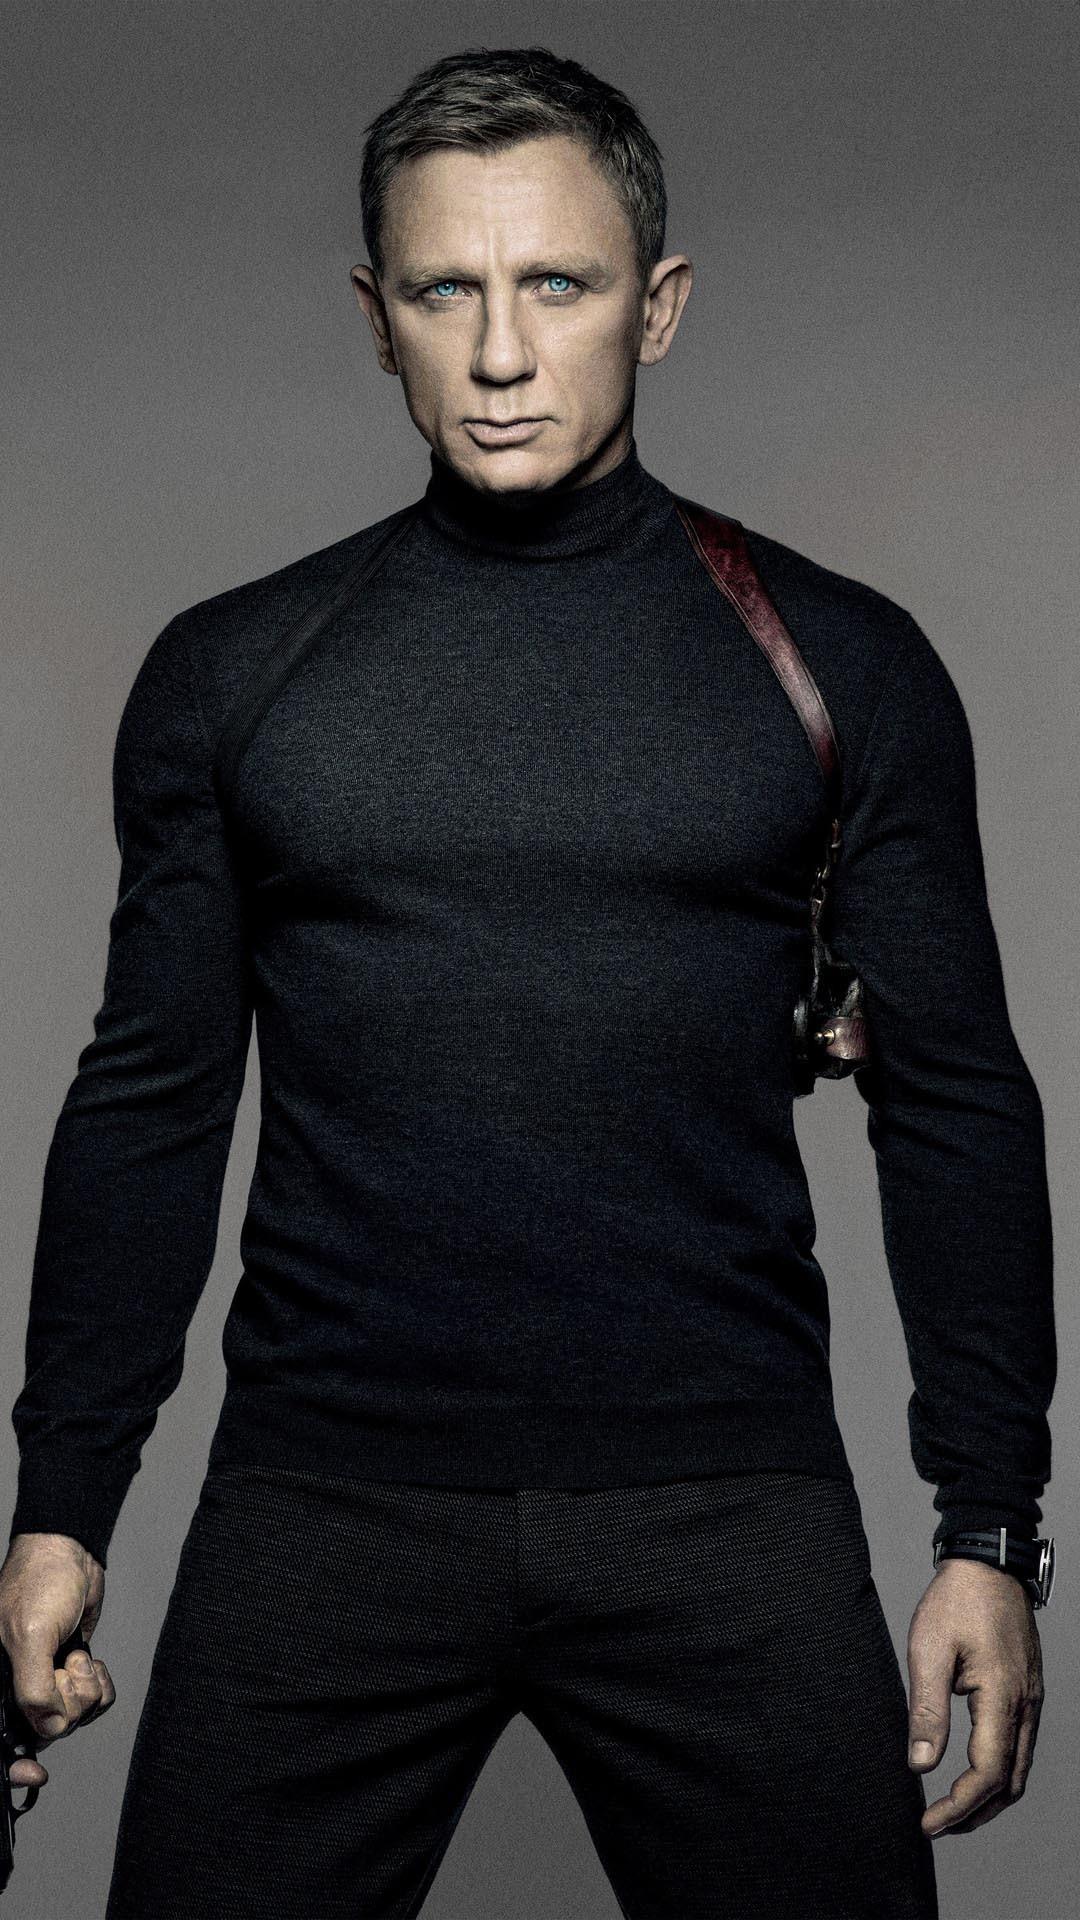 Res: 1080x1920, Daniel Craig Spectre 007 James Bond Android Wallpaper ...